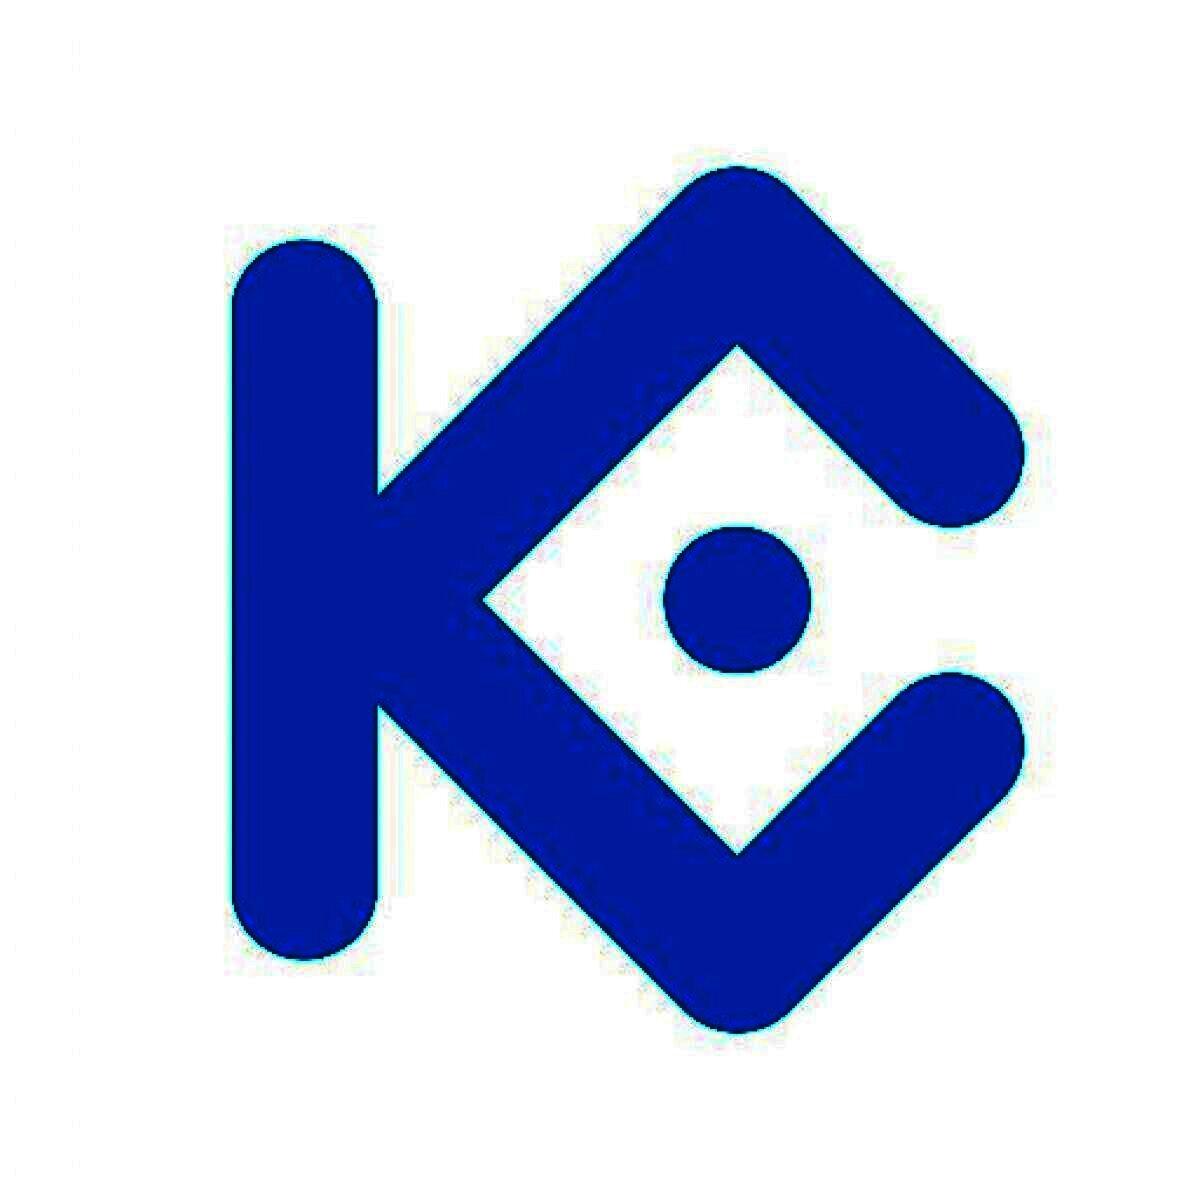 KuCoin Shares de nieuwe HYPE voor passief inkomen